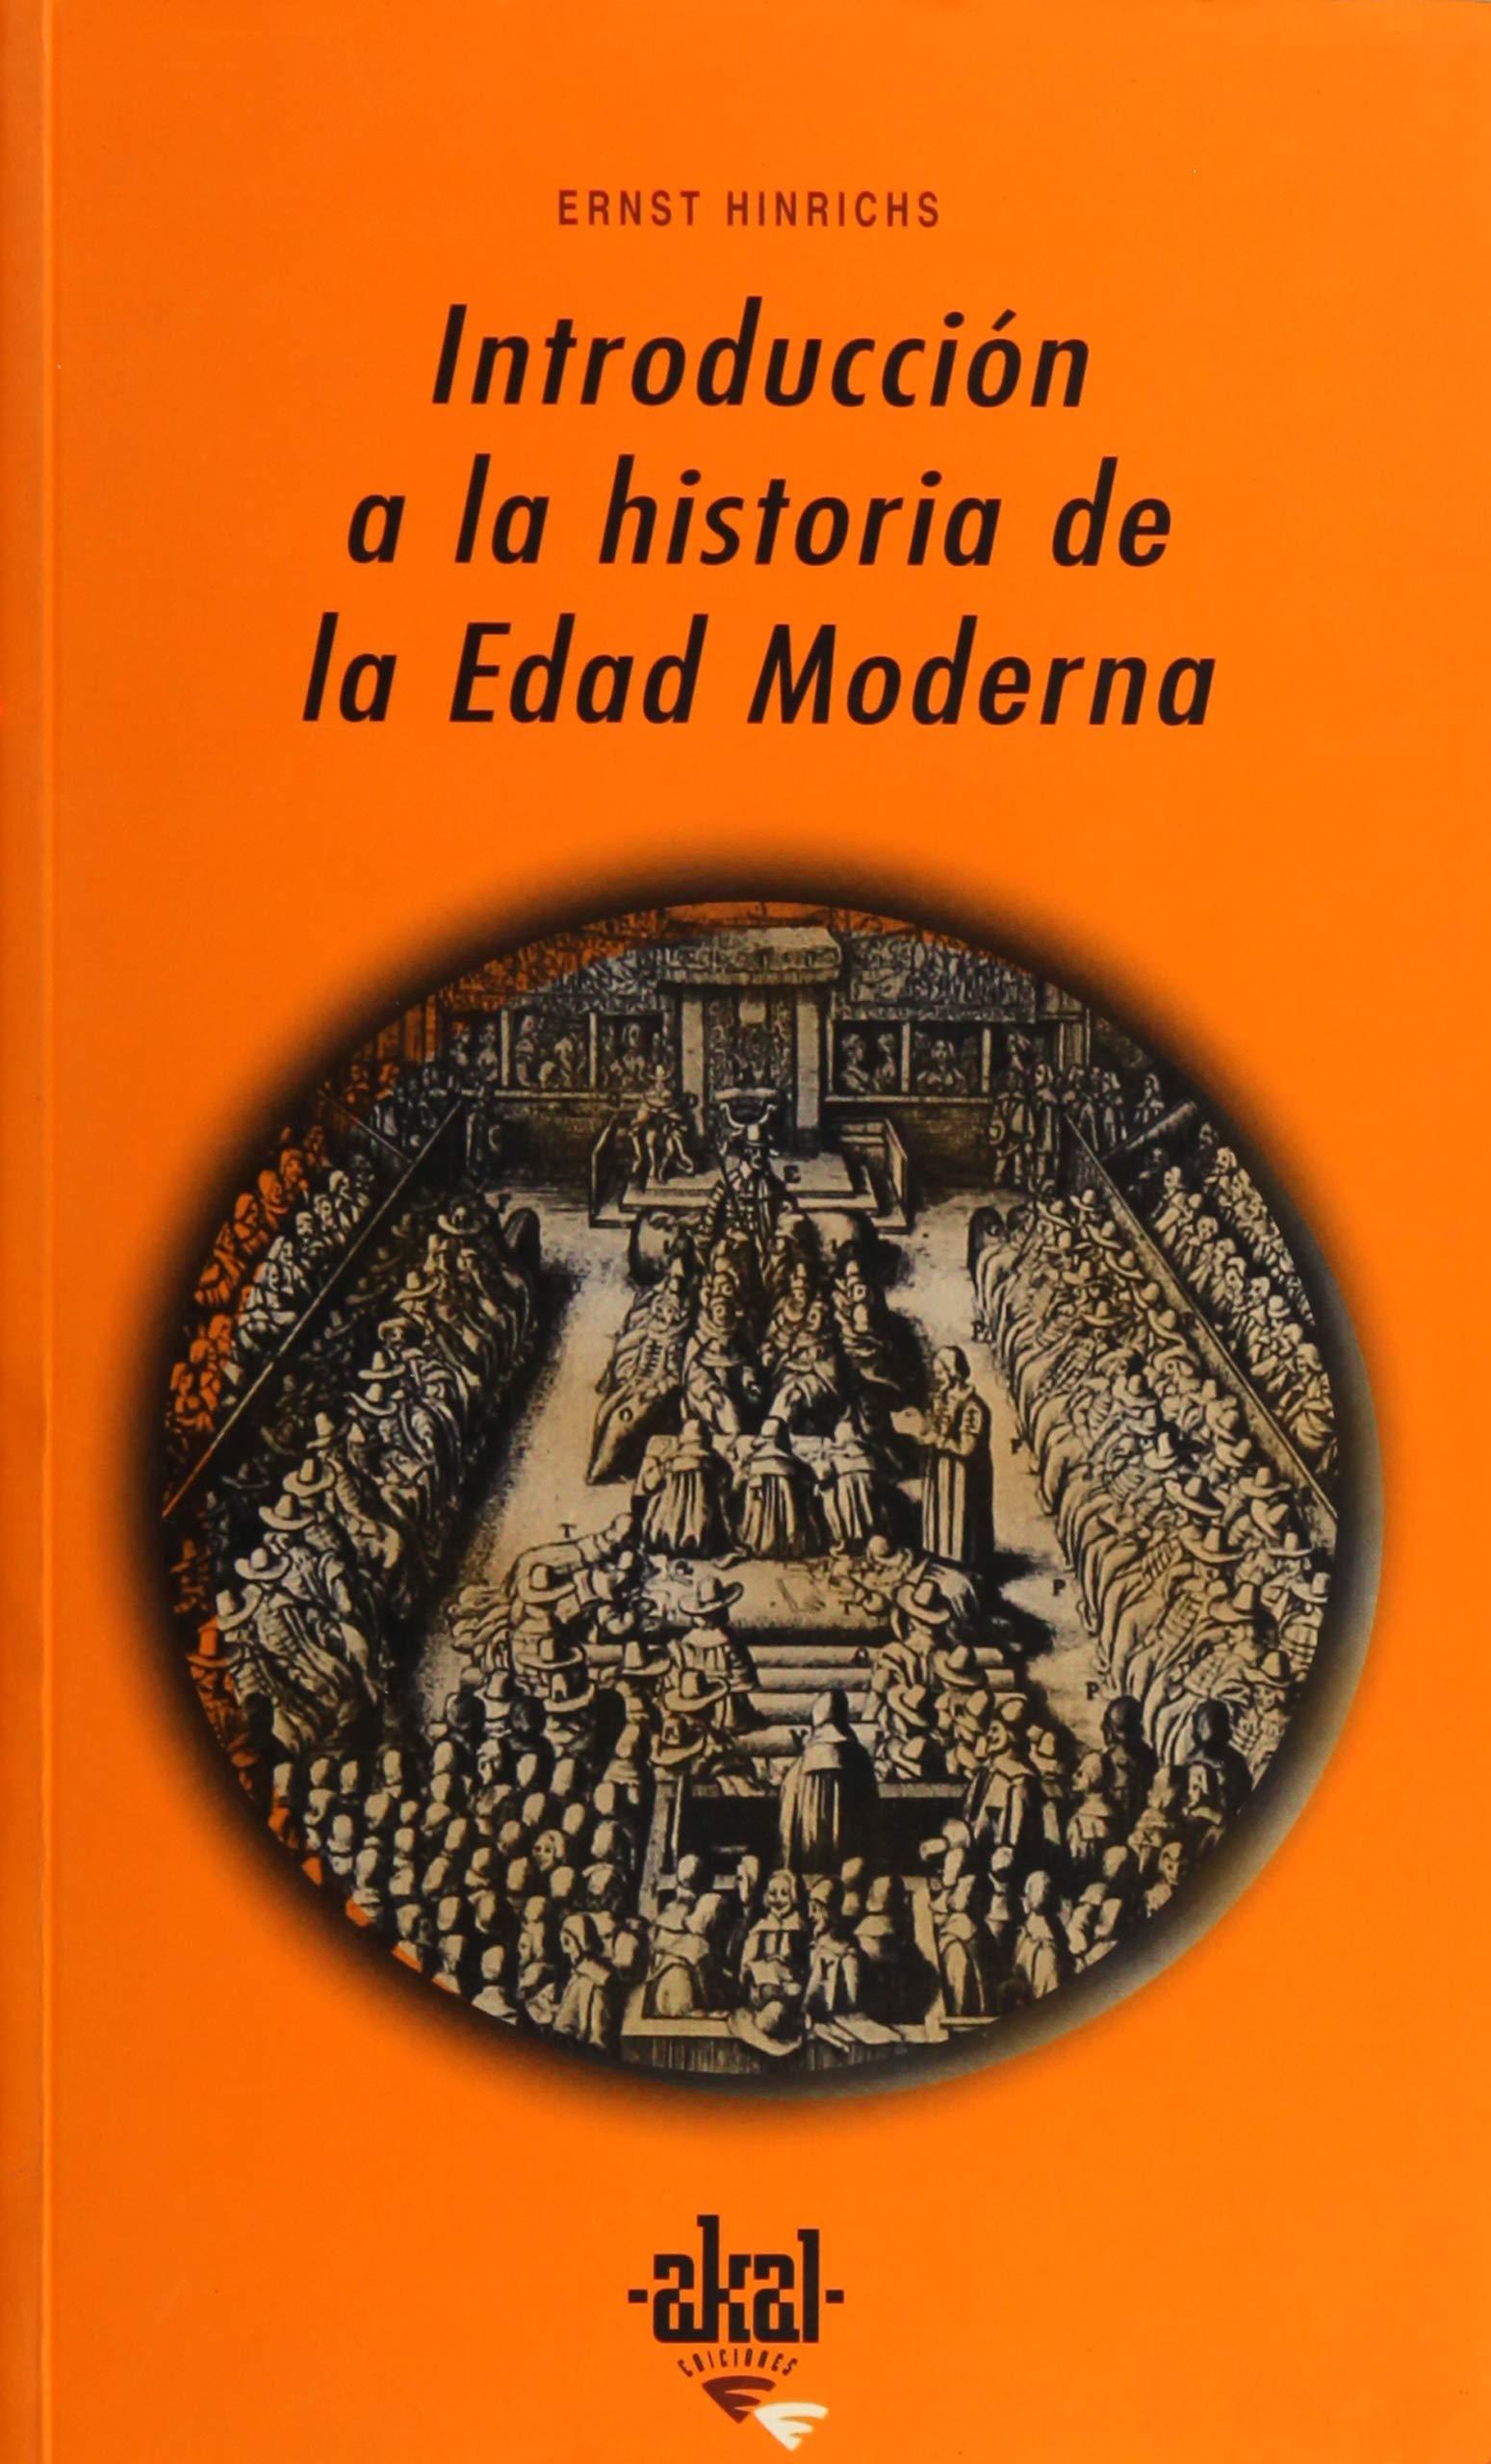 Introducción a la historia de la Edad Moderna: 215 Universitaria: Amazon.es: Hinrichs, Ernst, Abalos, Mª Dolores: Libros